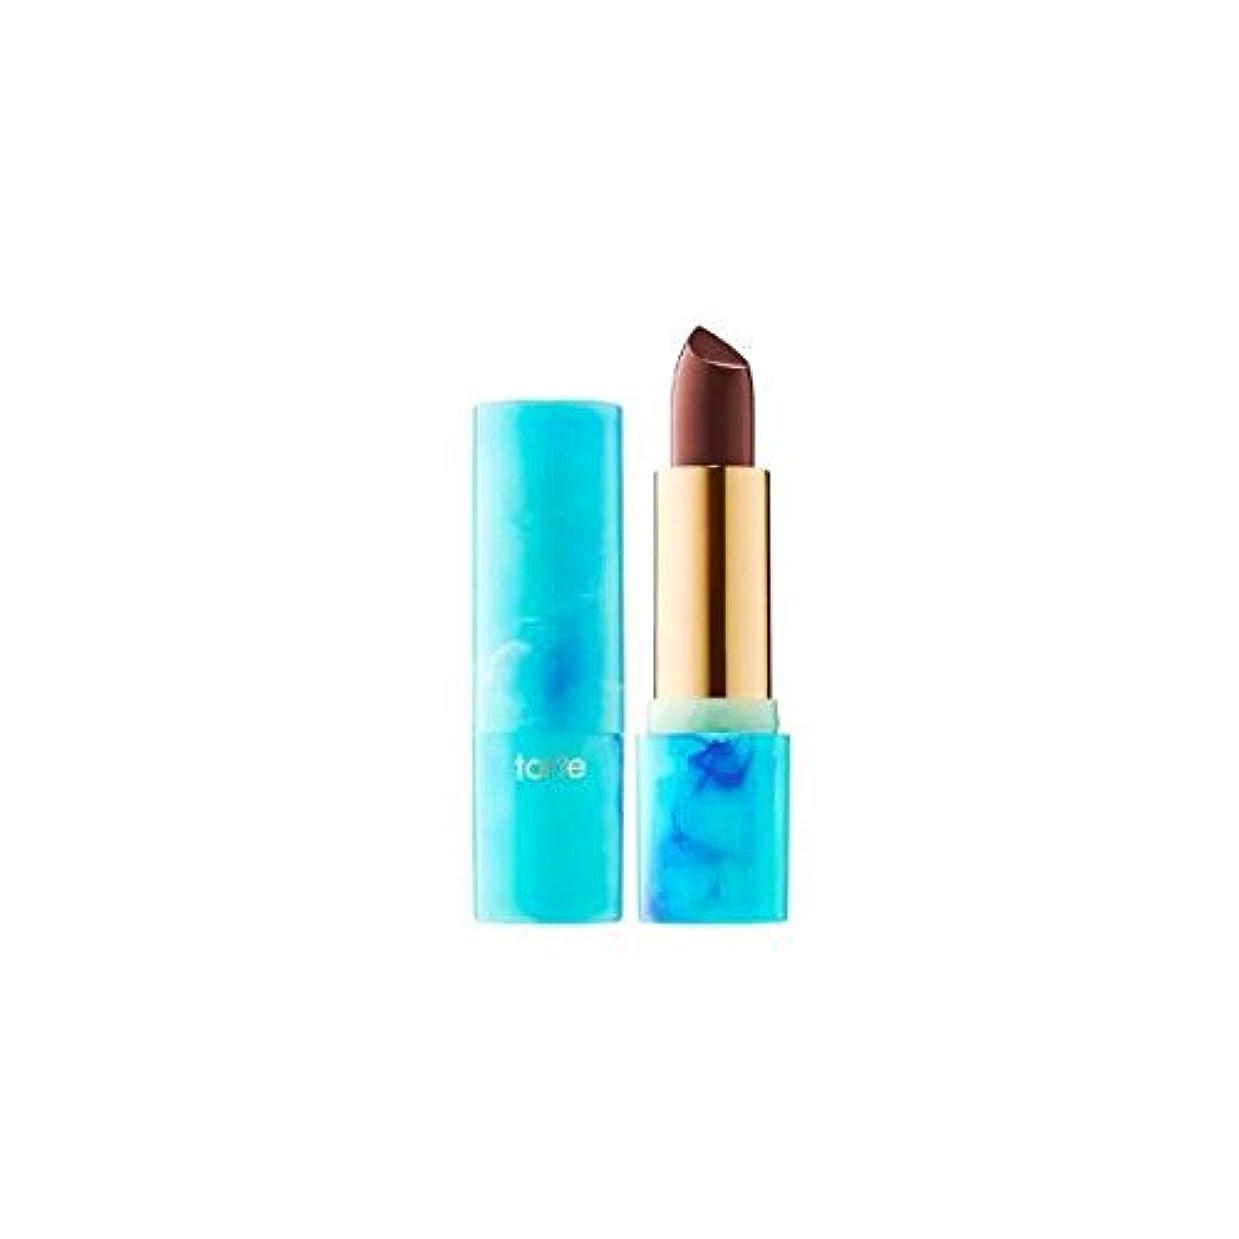 壊すエスカレートメダルtarteタルト リップ Color Splash Lipstick - Rainforest of the Sea Collection Satin finish